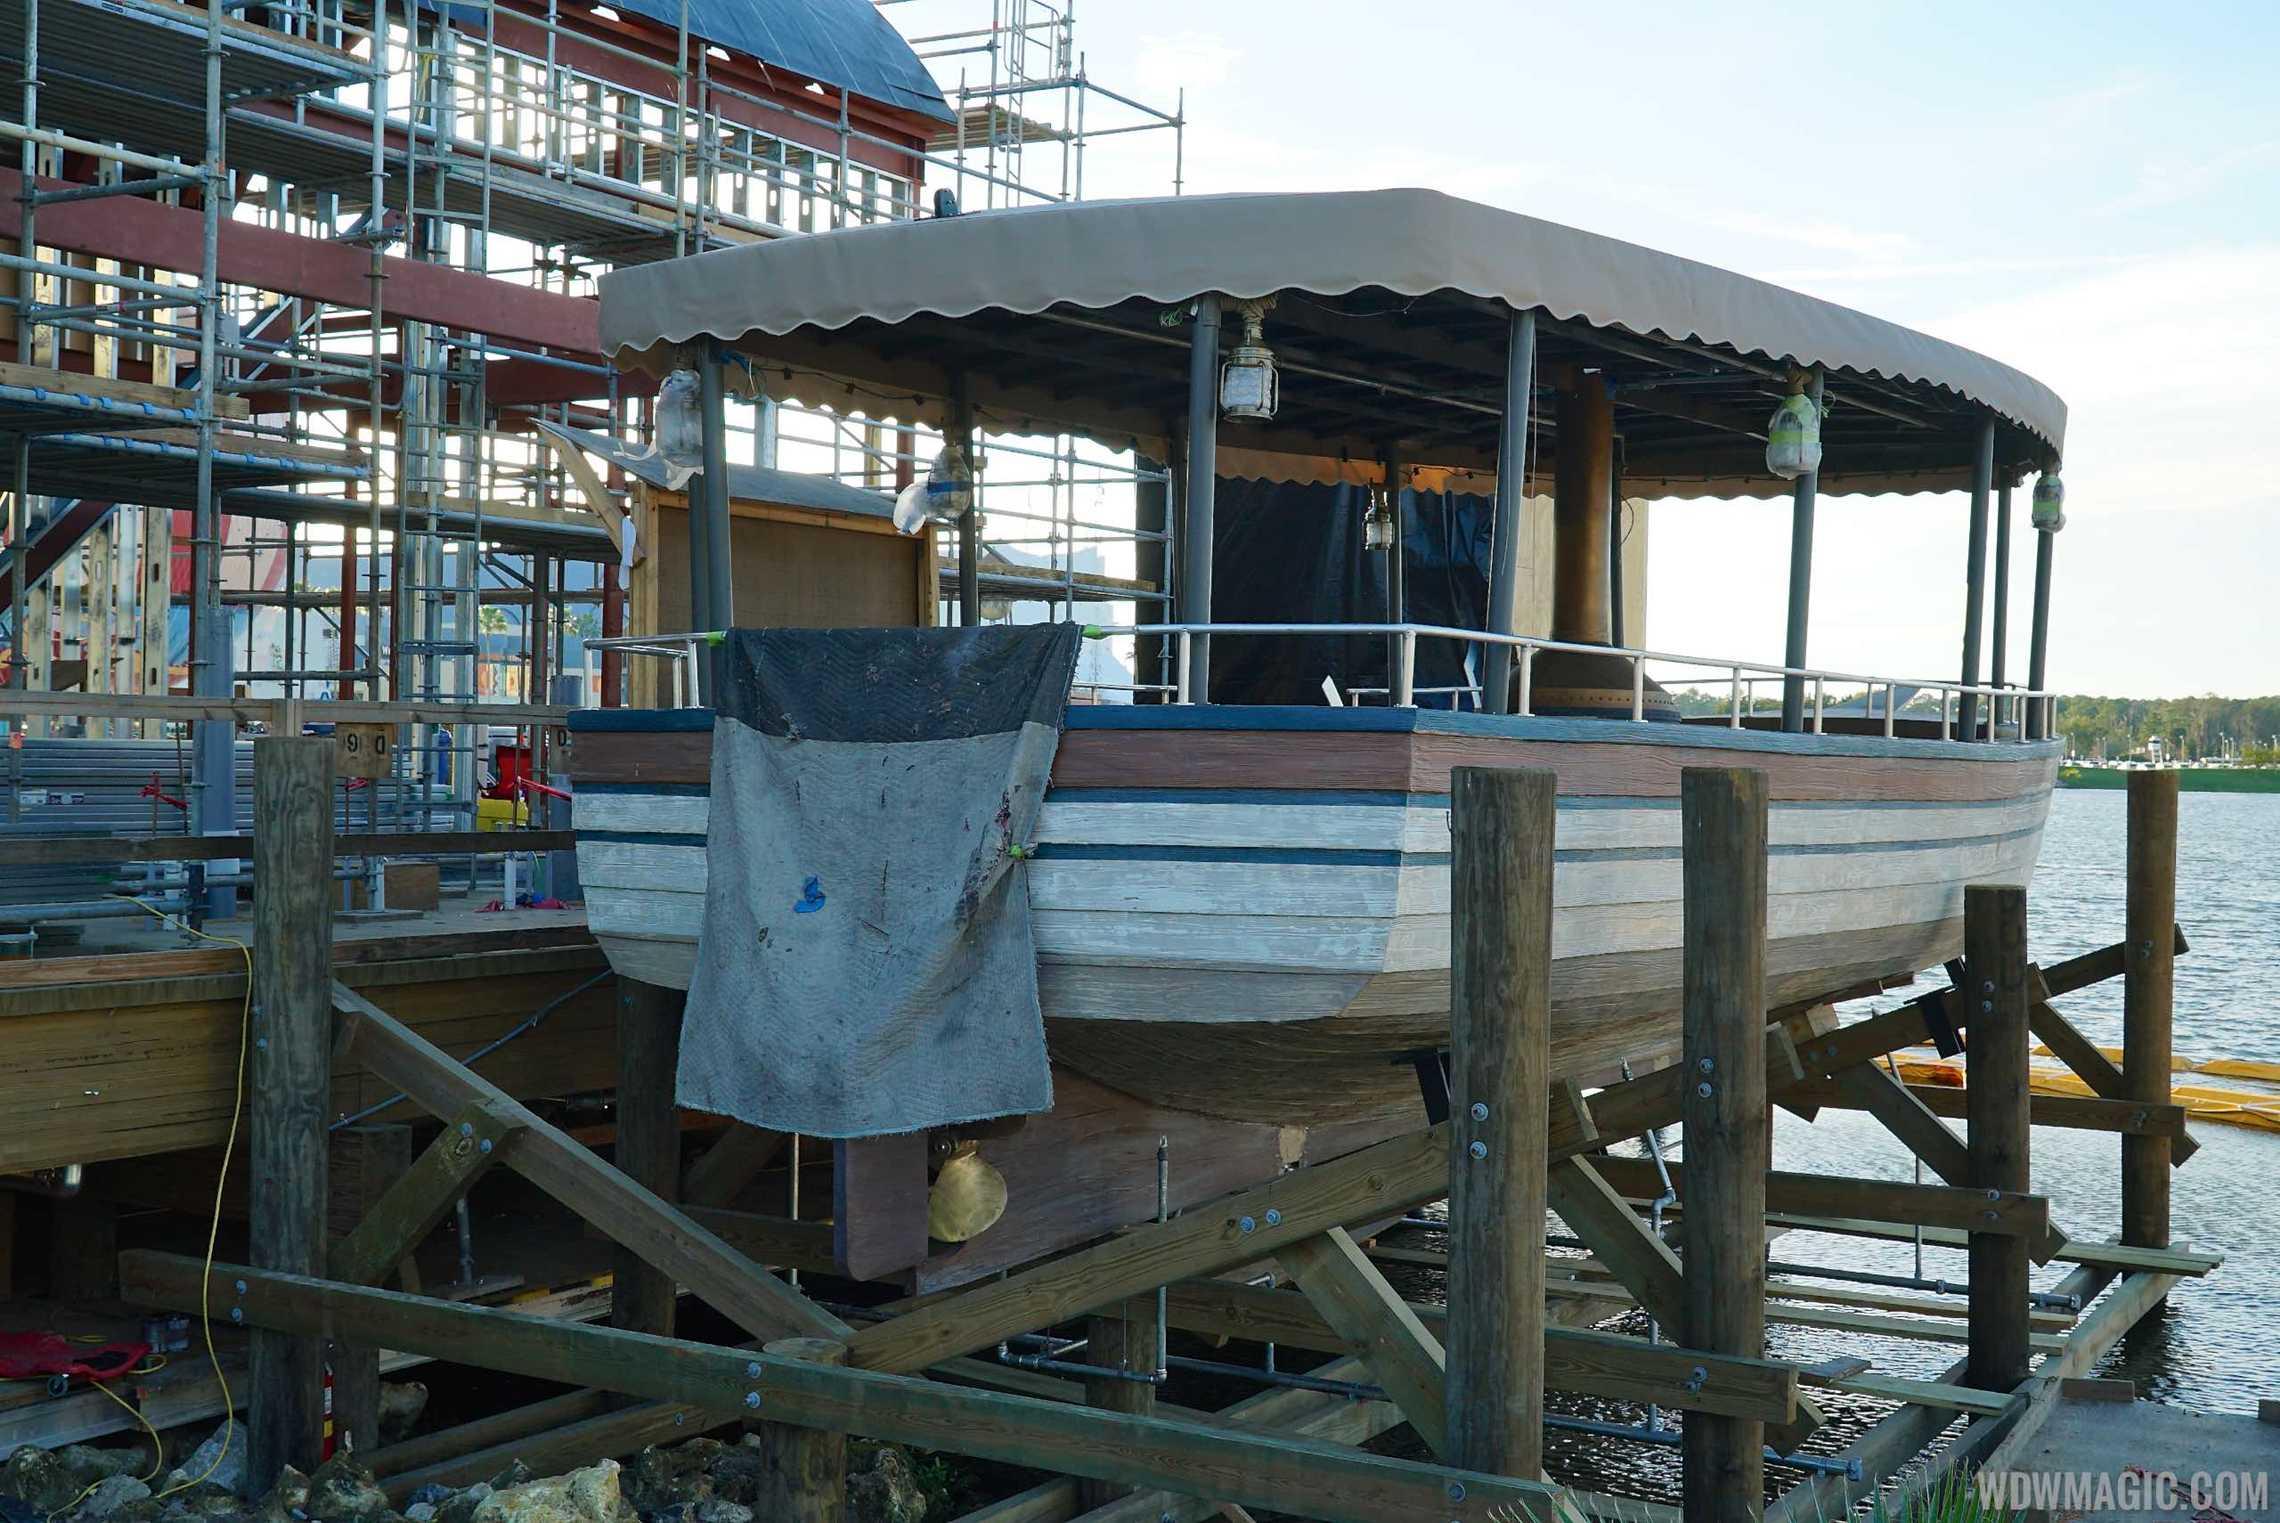 Boat at The Hangar